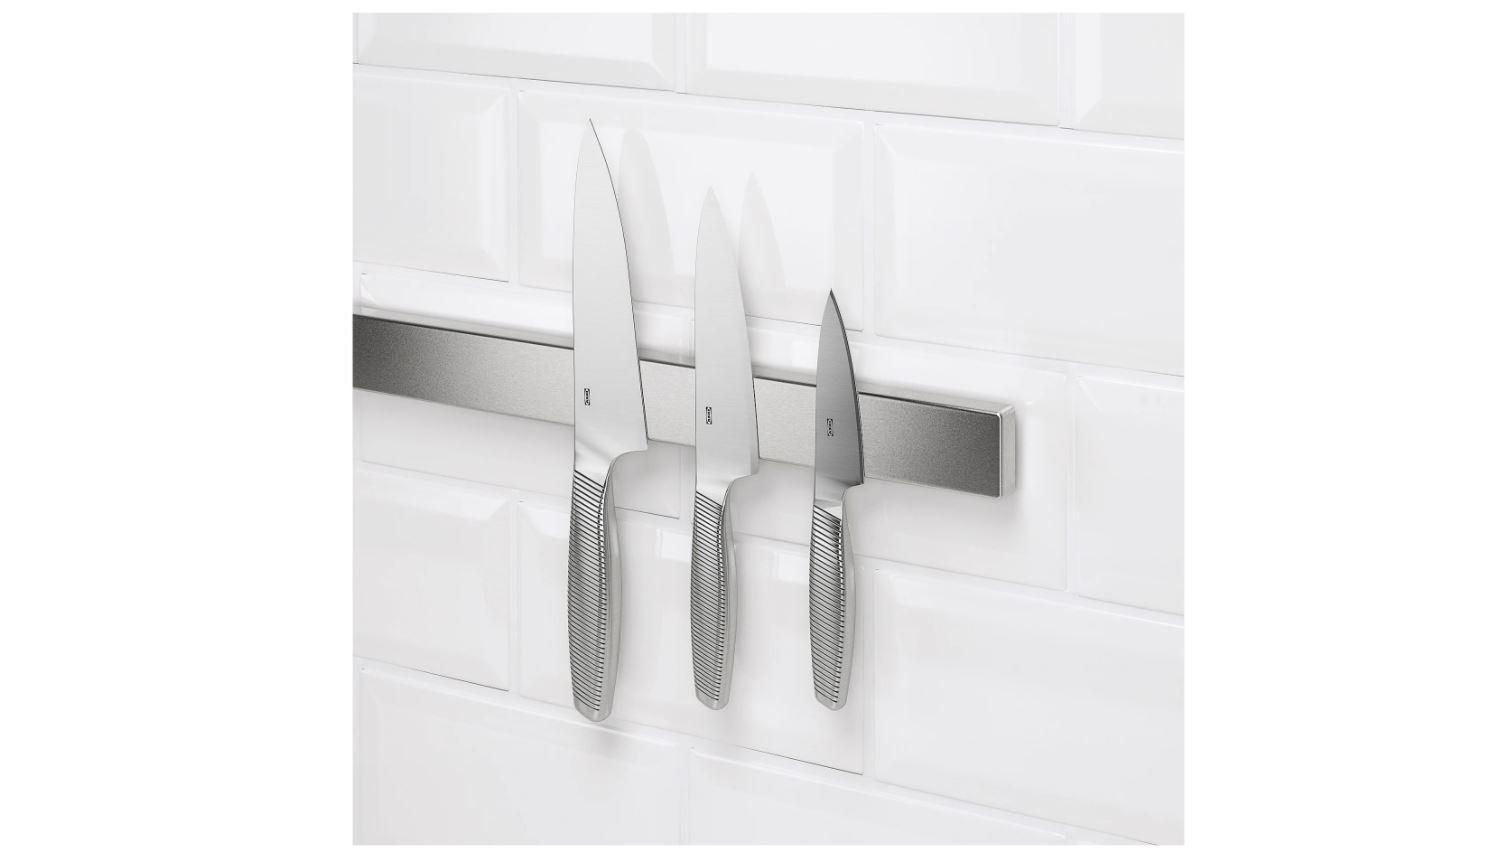 IKEAのKUNGSFORS クングスフォルス マグネットナイフラック